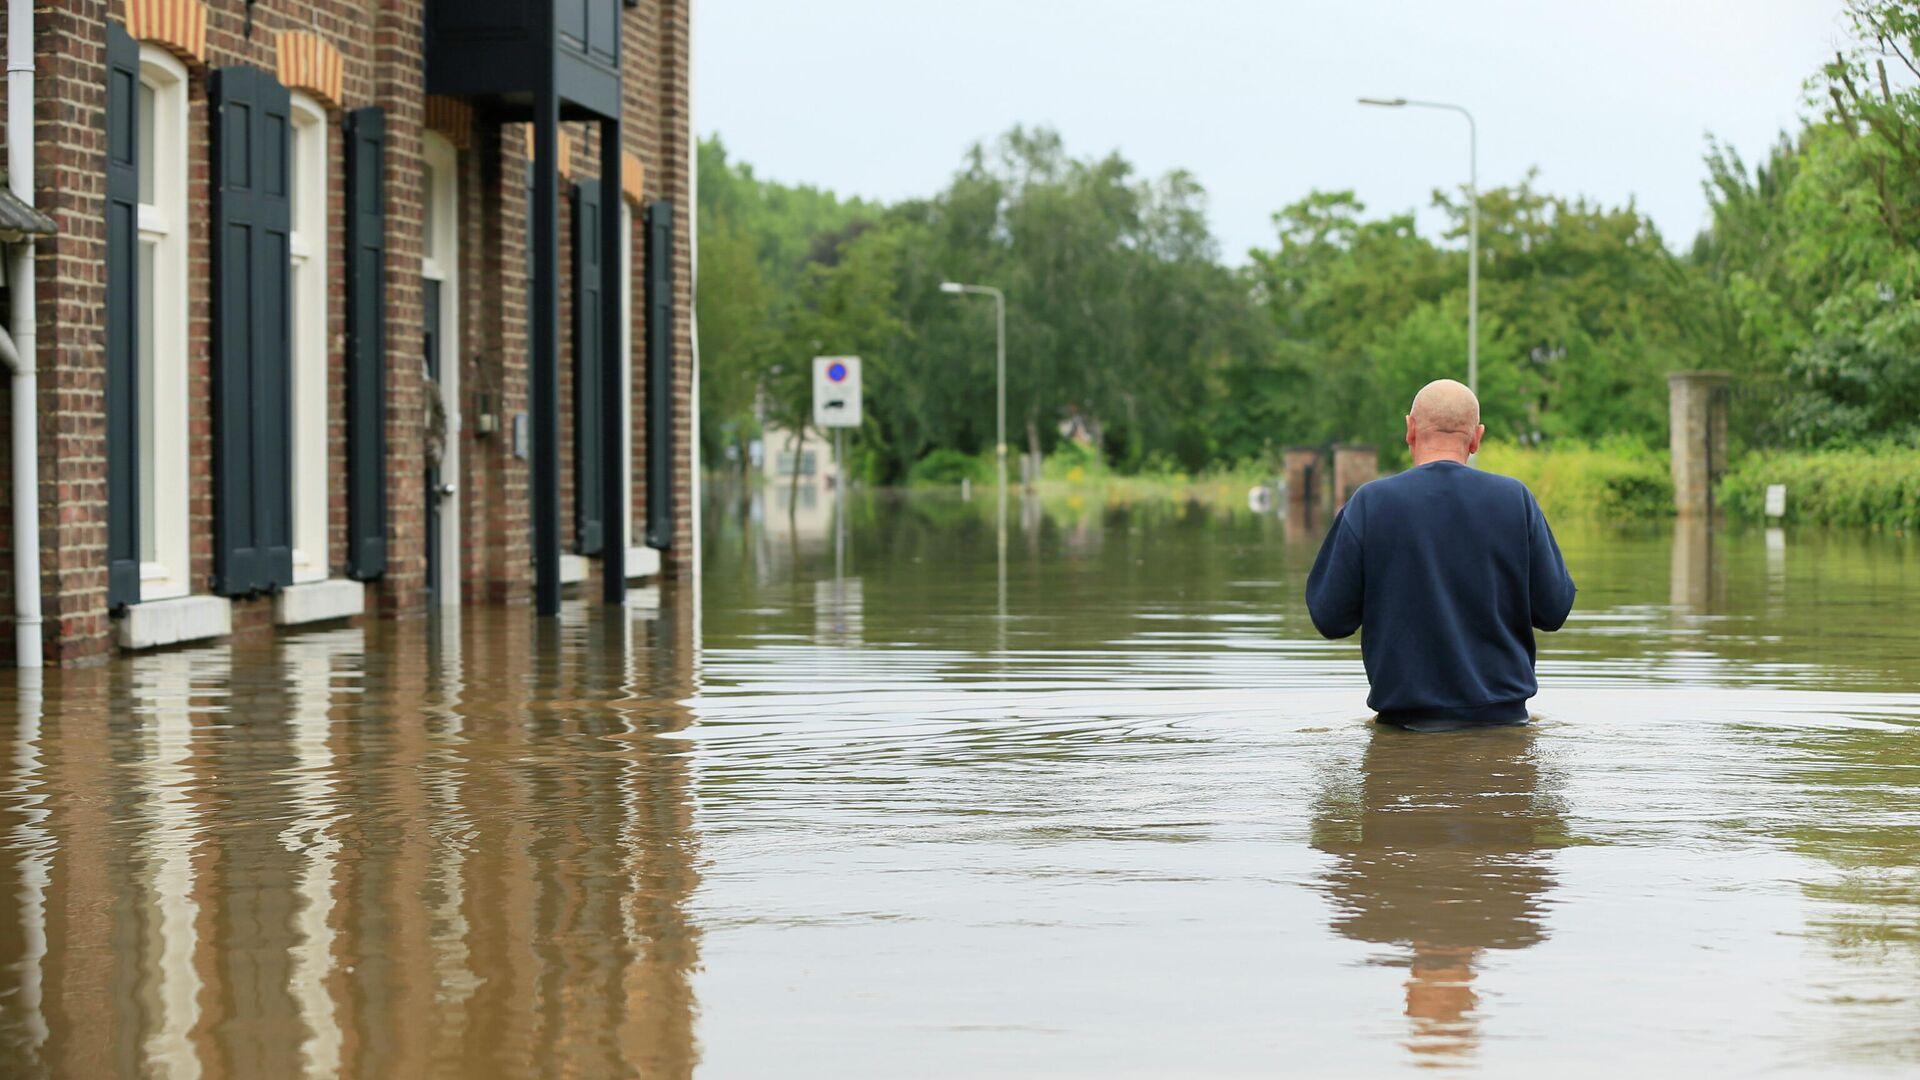 Наводнение в Гелле, Нидерланды - РИА Новости, 1920, 21.07.2021